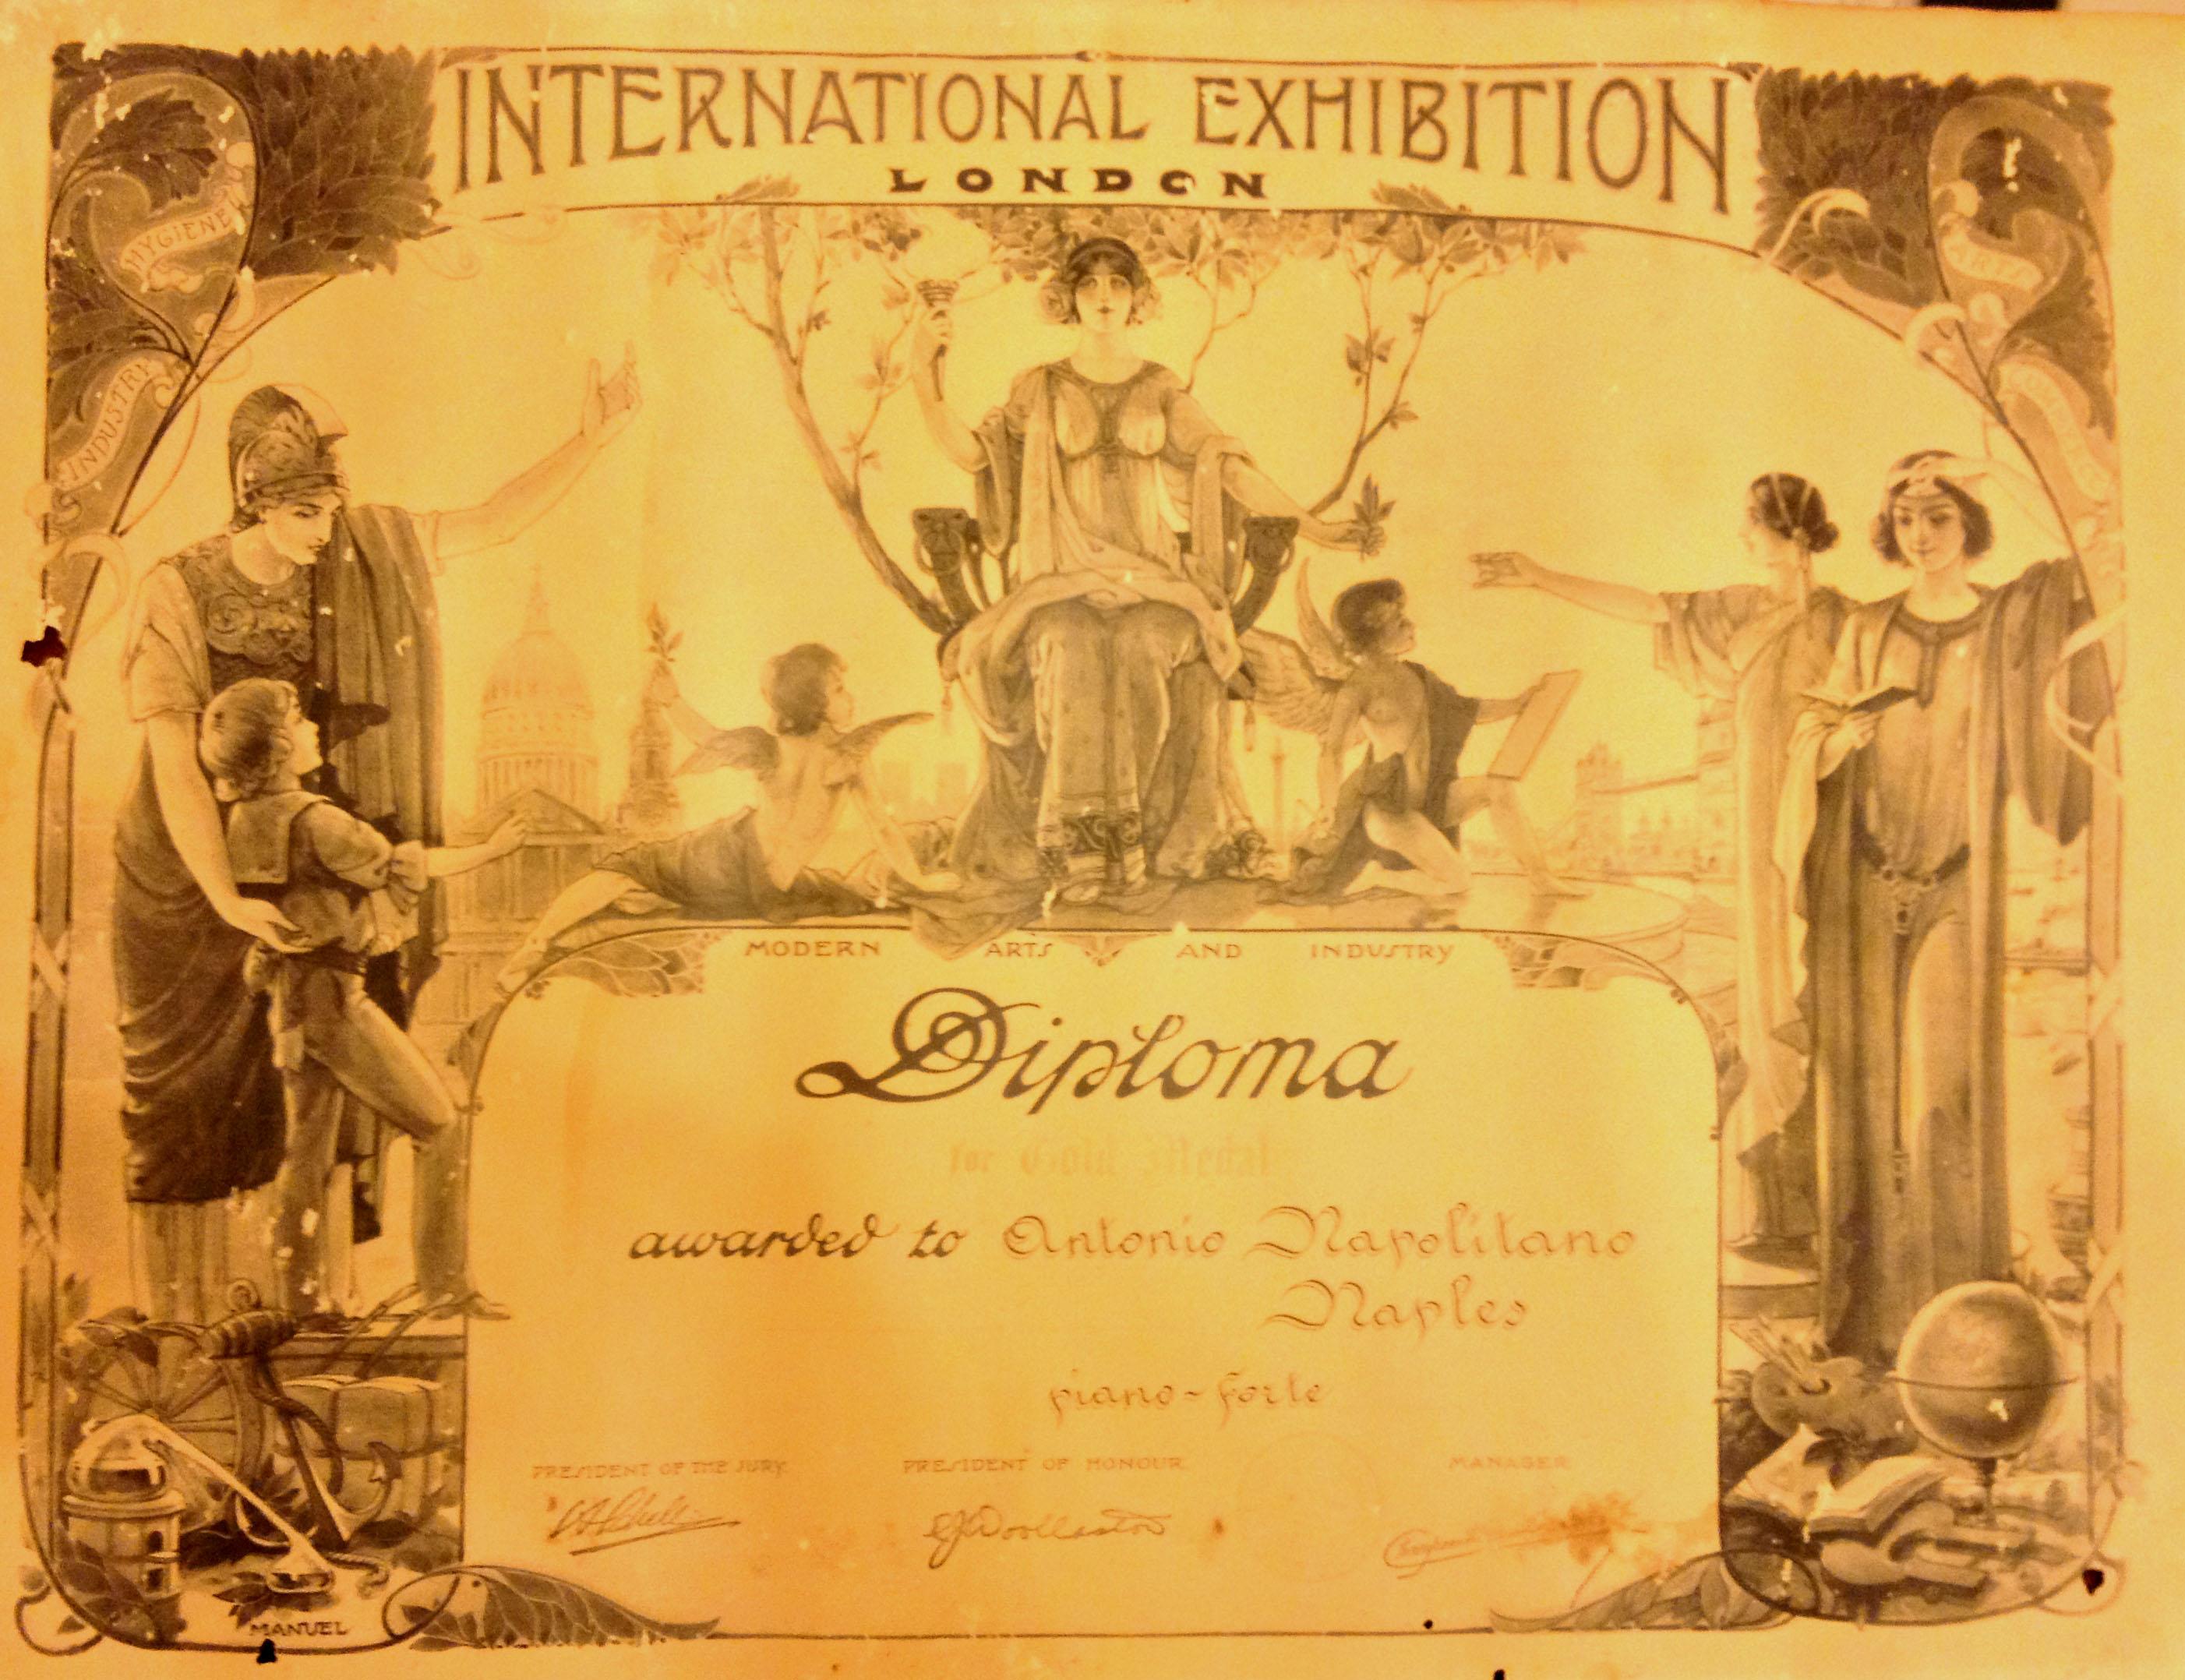 Premio-esposizione-internazionale-Londra-Alberto-Napolitano-Pianoforti-Napoli